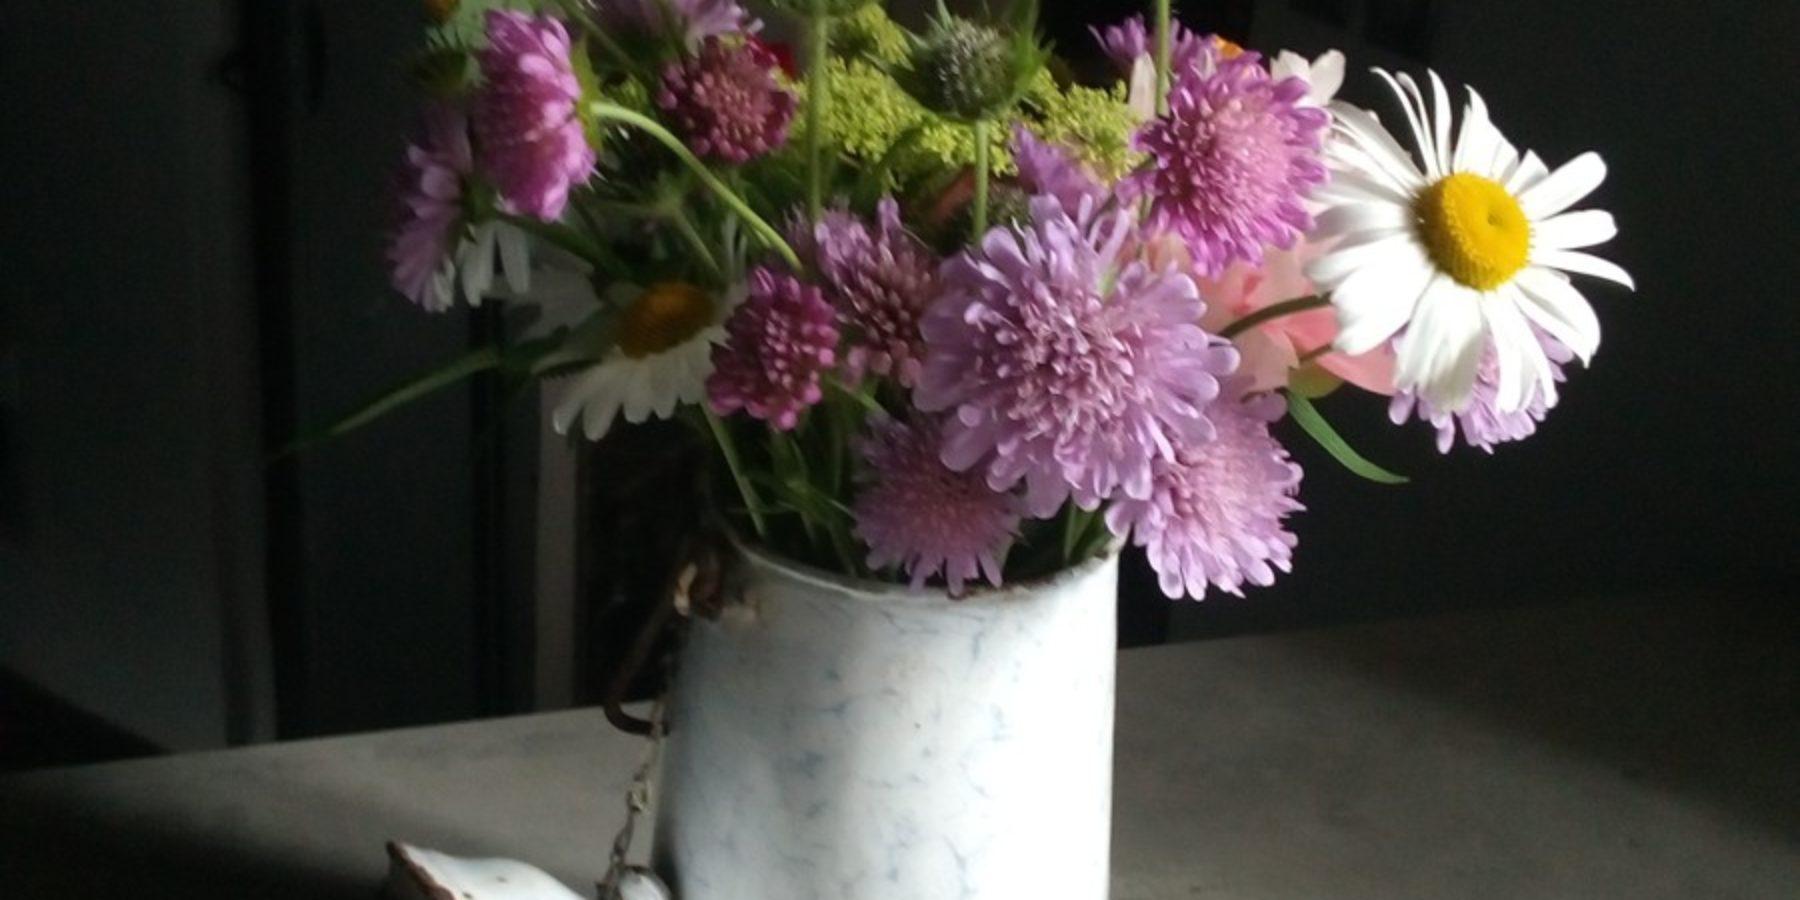 En saison, les bouquets de fleurs embellissent la cuisine, le salon ou les chambres de la Maison du Chevalier des Huttes, chambres et table d'hôtes à Vic sur Cère (Auvergne, Cantal, France).